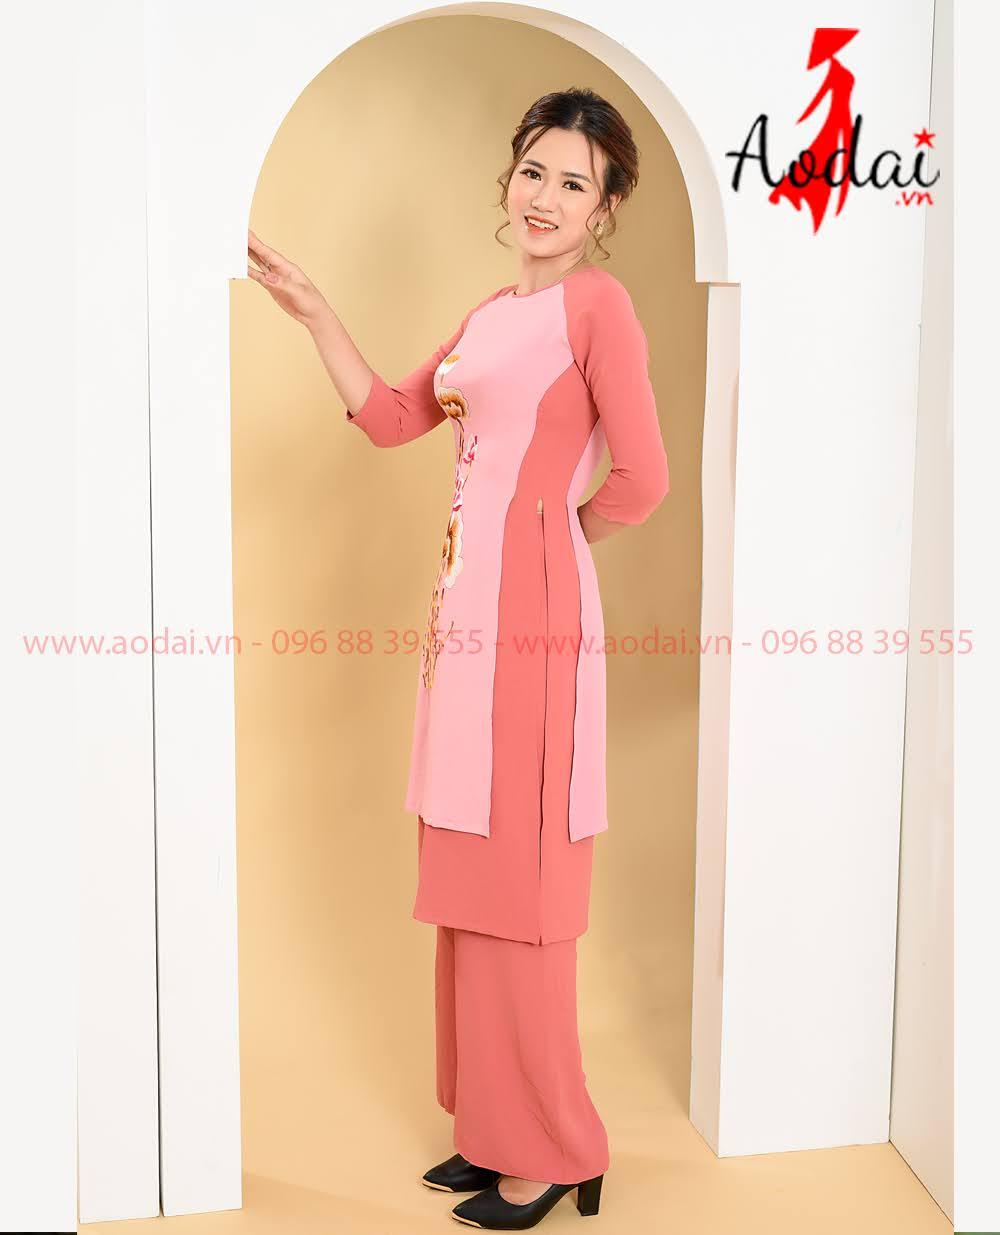 In áo dài tại Quảng Bình